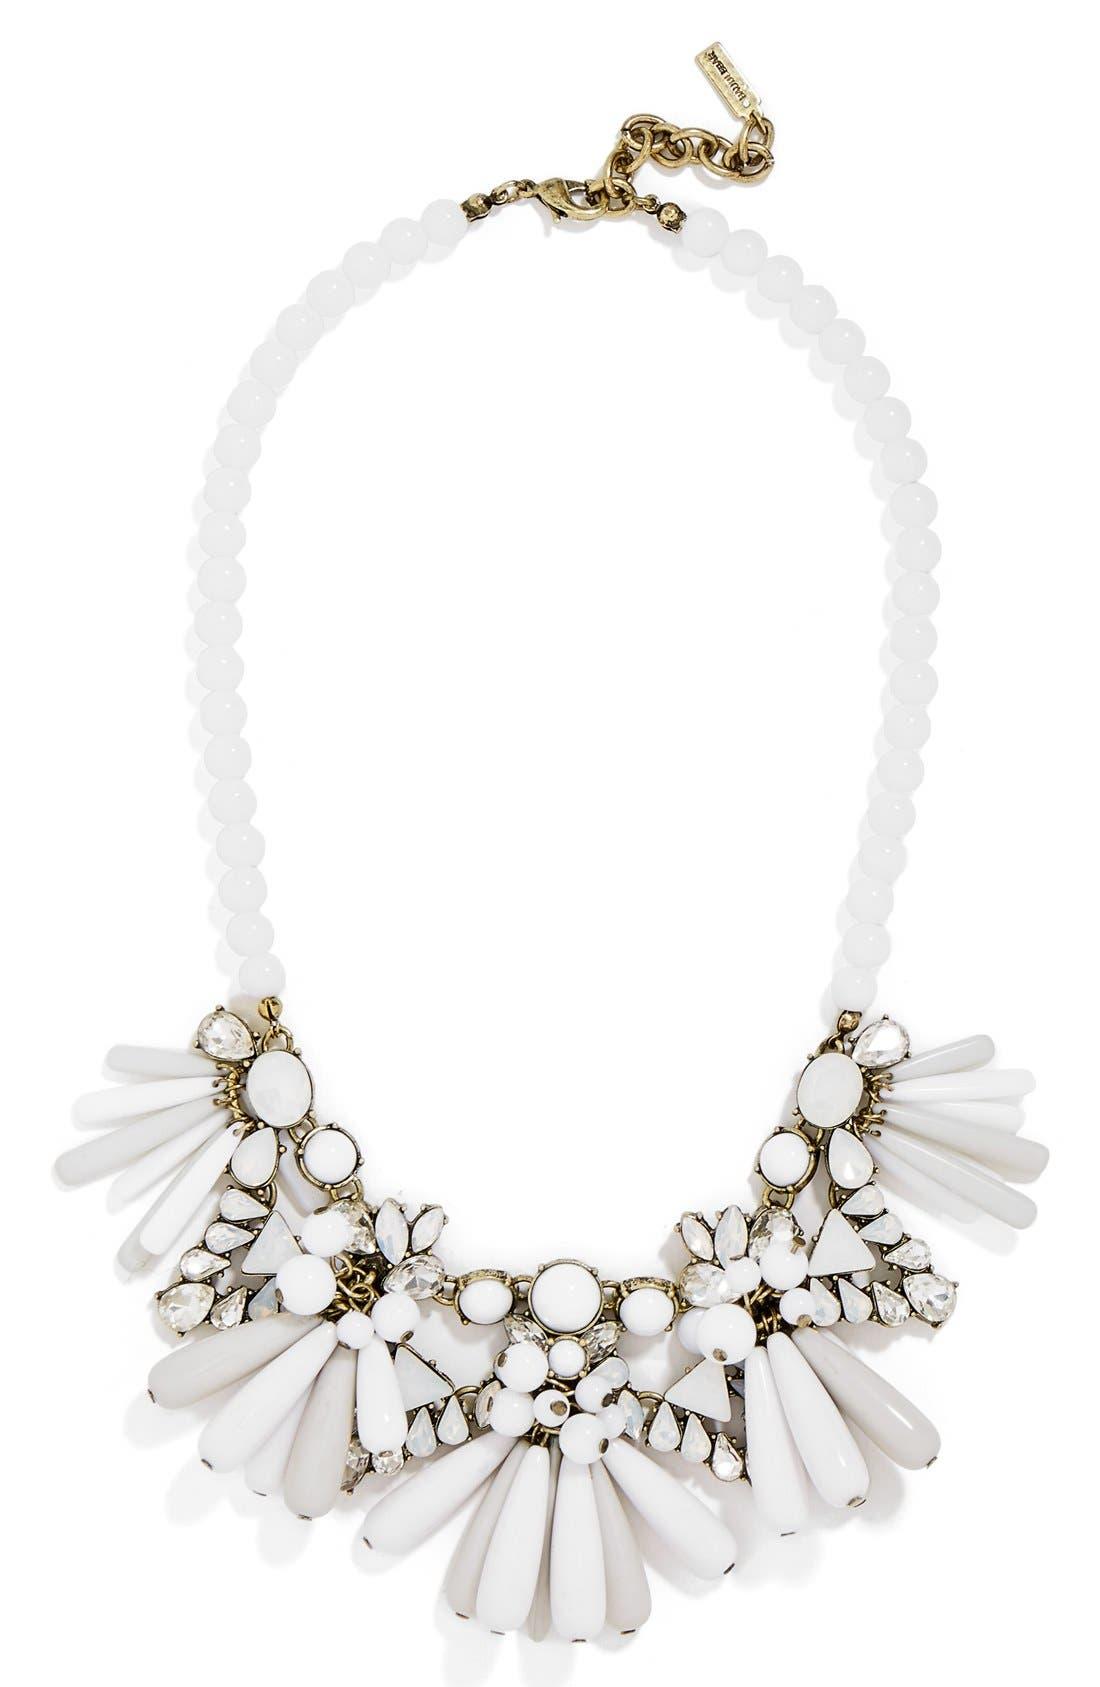 Main Image - BaubleBar 'Greta' Bib Necklace